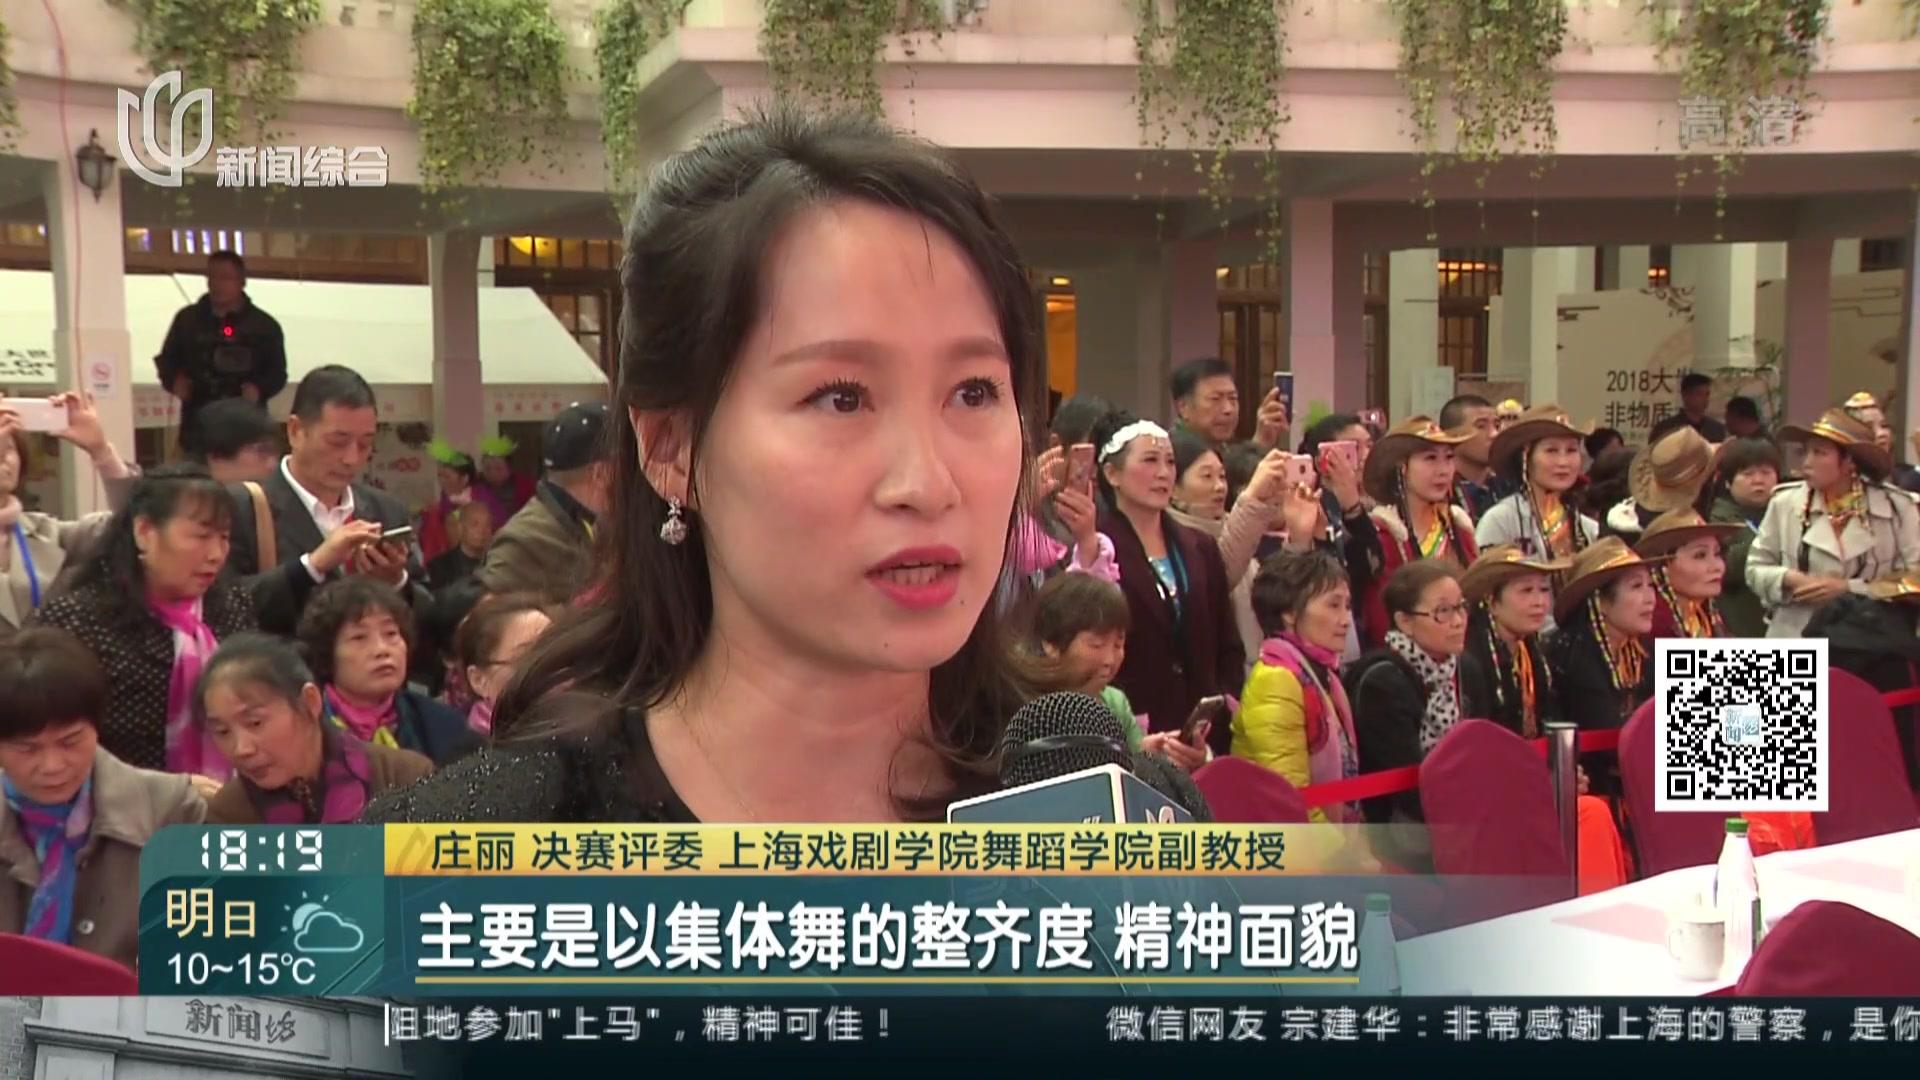 定格芳华舞动美好  社区广场舞大赛决出冠军